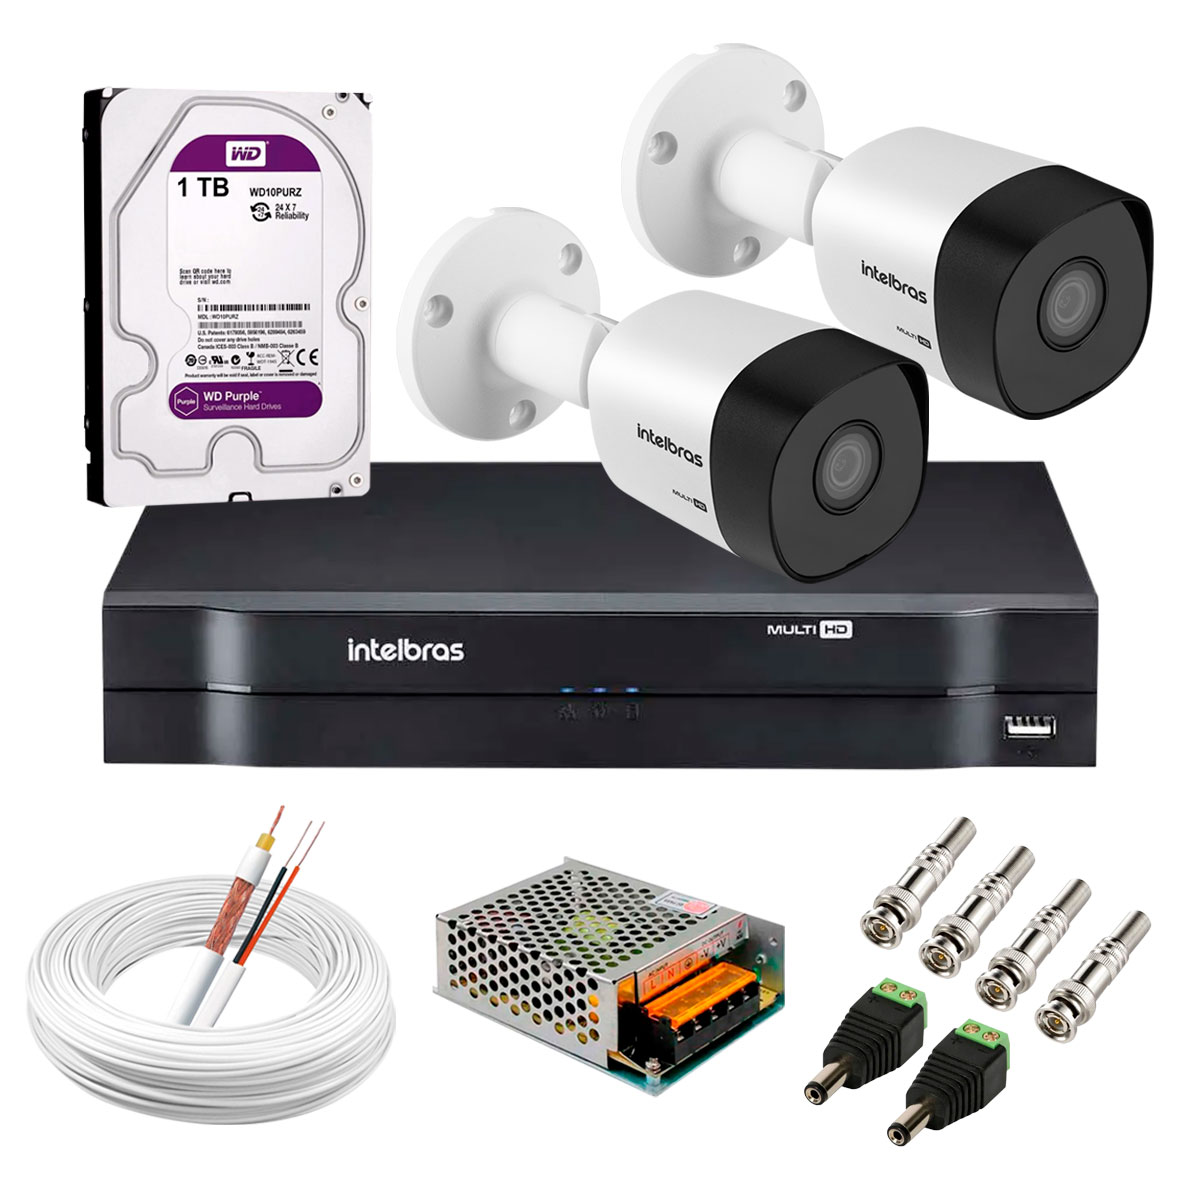 kit-2-cameras-vhd-3130-b-g6-dvr-intelbras-hd-1tb-para-armazenamento-app-gratis-de-monitoramento-cameras-hd-720p-30m-infravermelho-de-visao-noturna-intelbras-fonte-cabos-e-acessorios